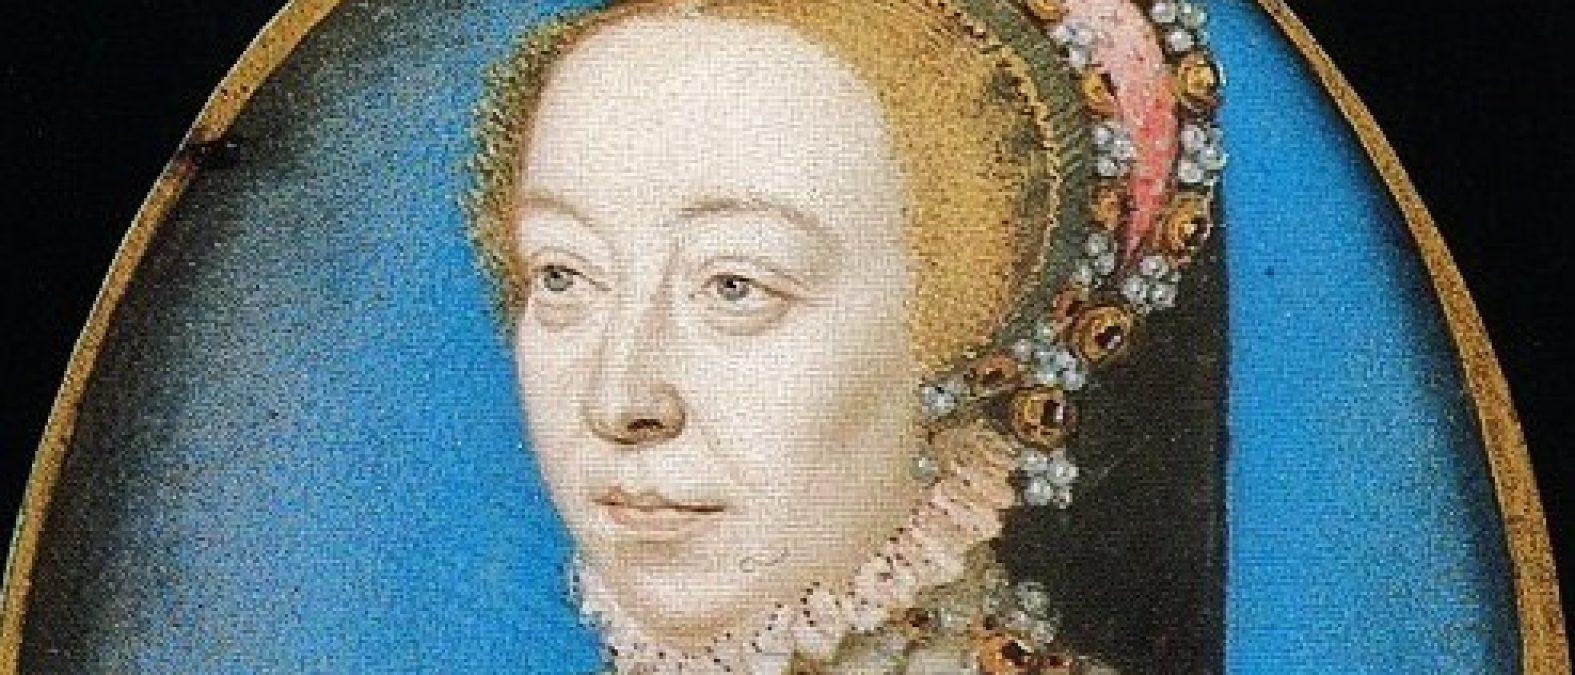 Caterina de'Medici Regina di Francia